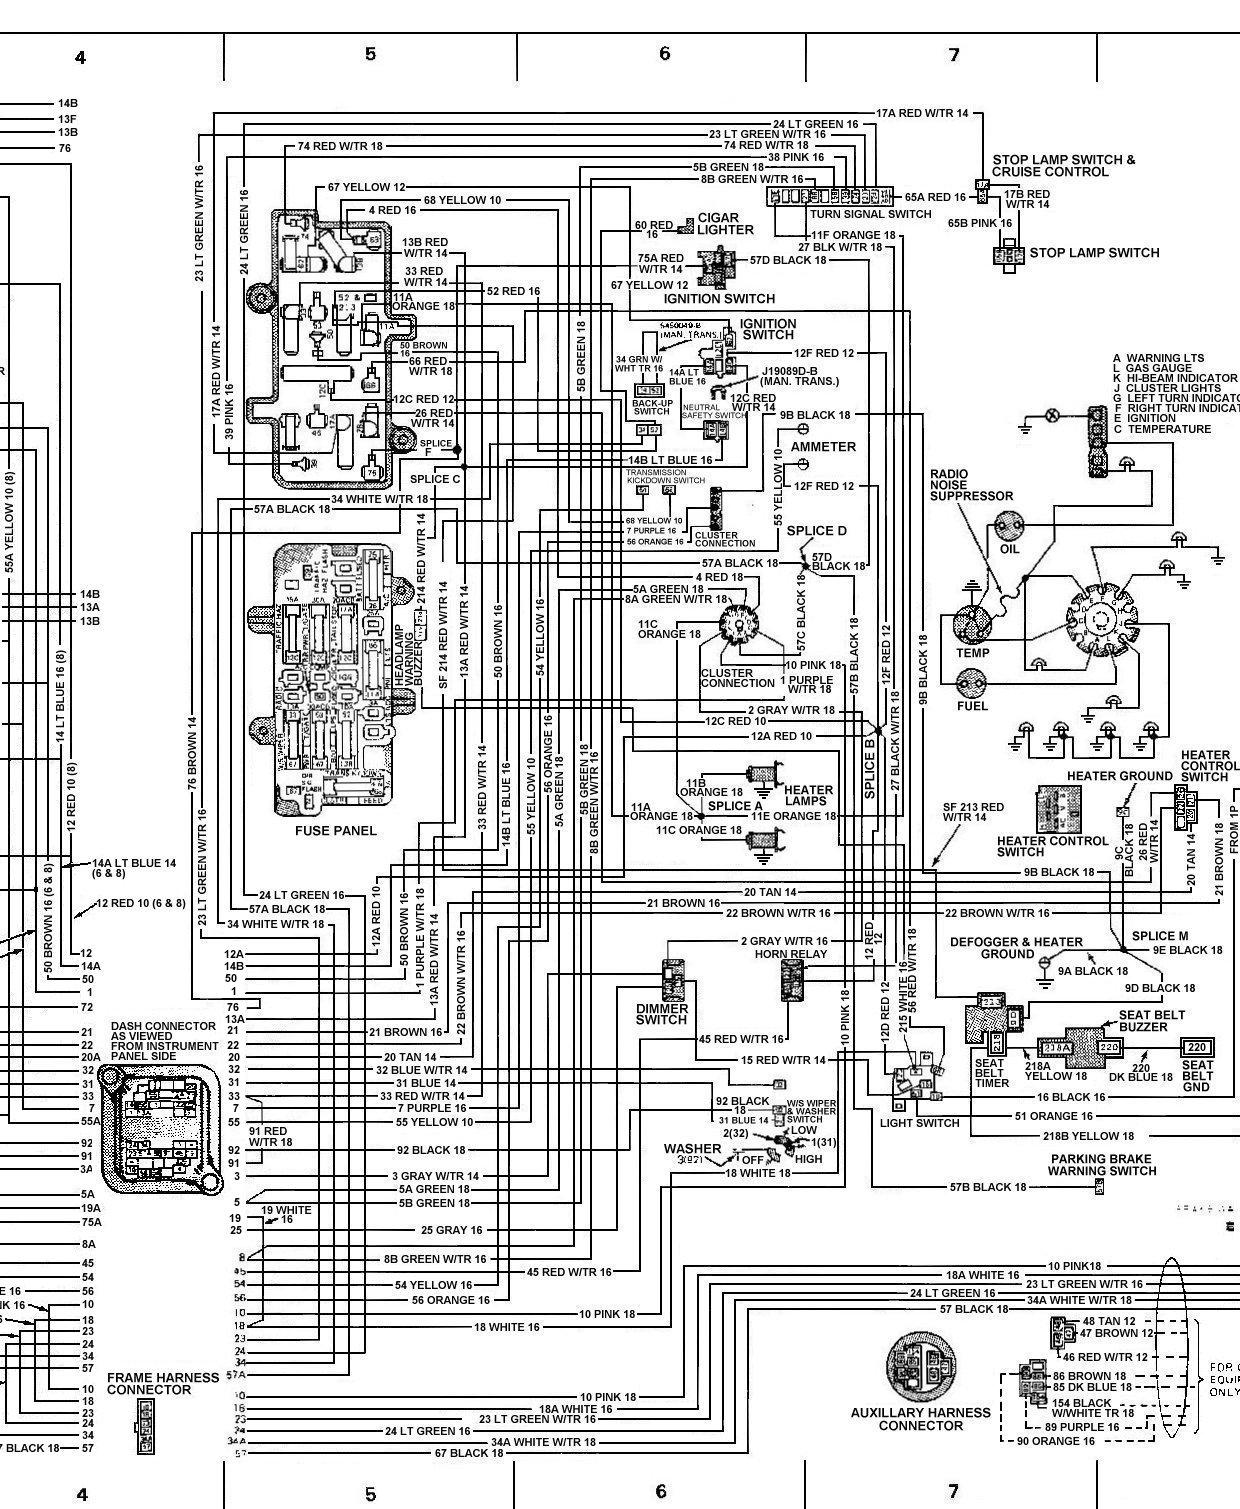 2001 chevy silverado fuse box diagram  2001  free engine 2001 chevy 1500 fuse box diagram 2001 silverado 1500 fuse box diagram